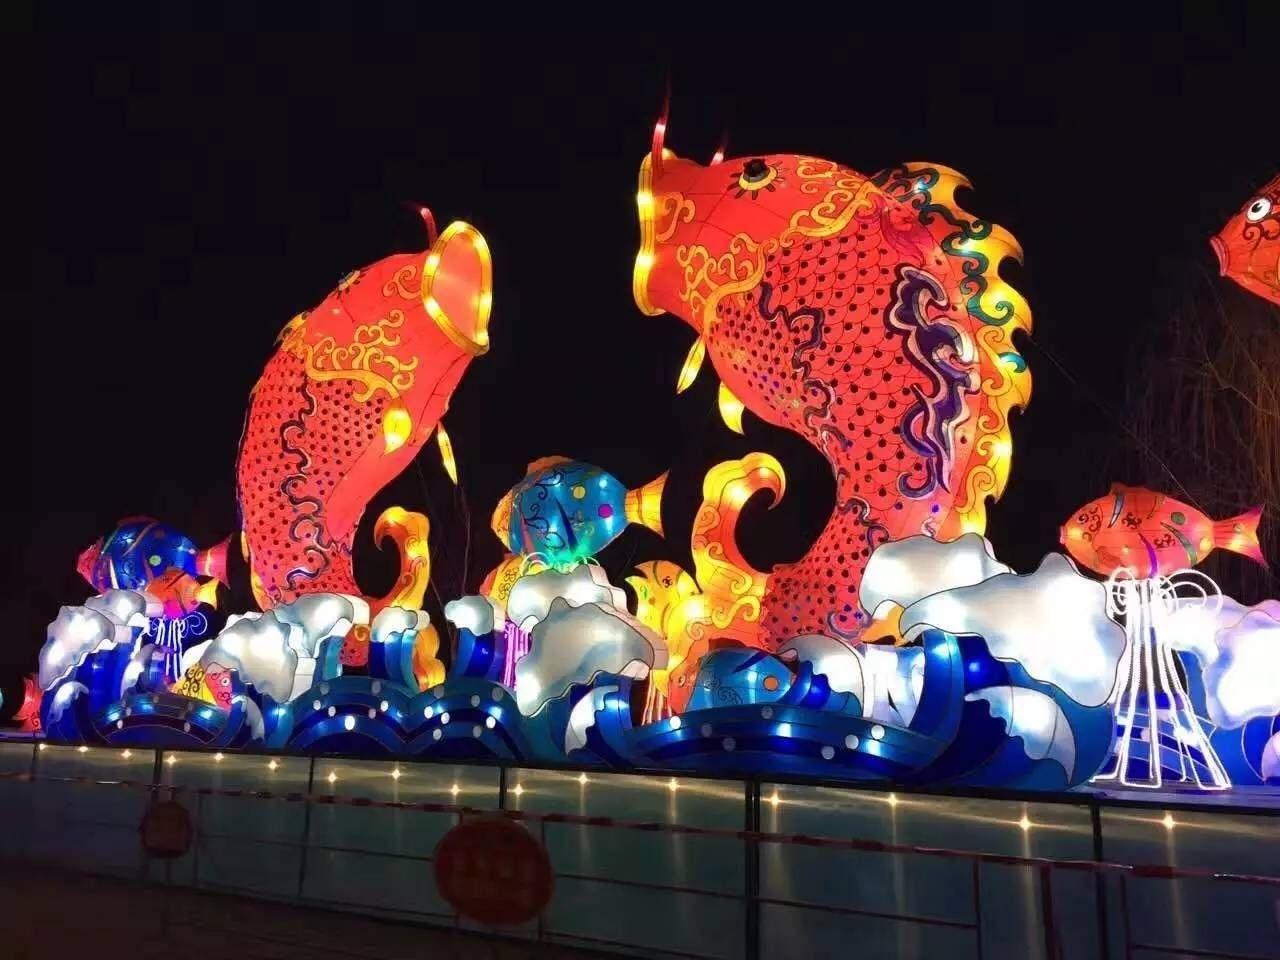 淄博玉黛湖花灯节筹备进入倒计时